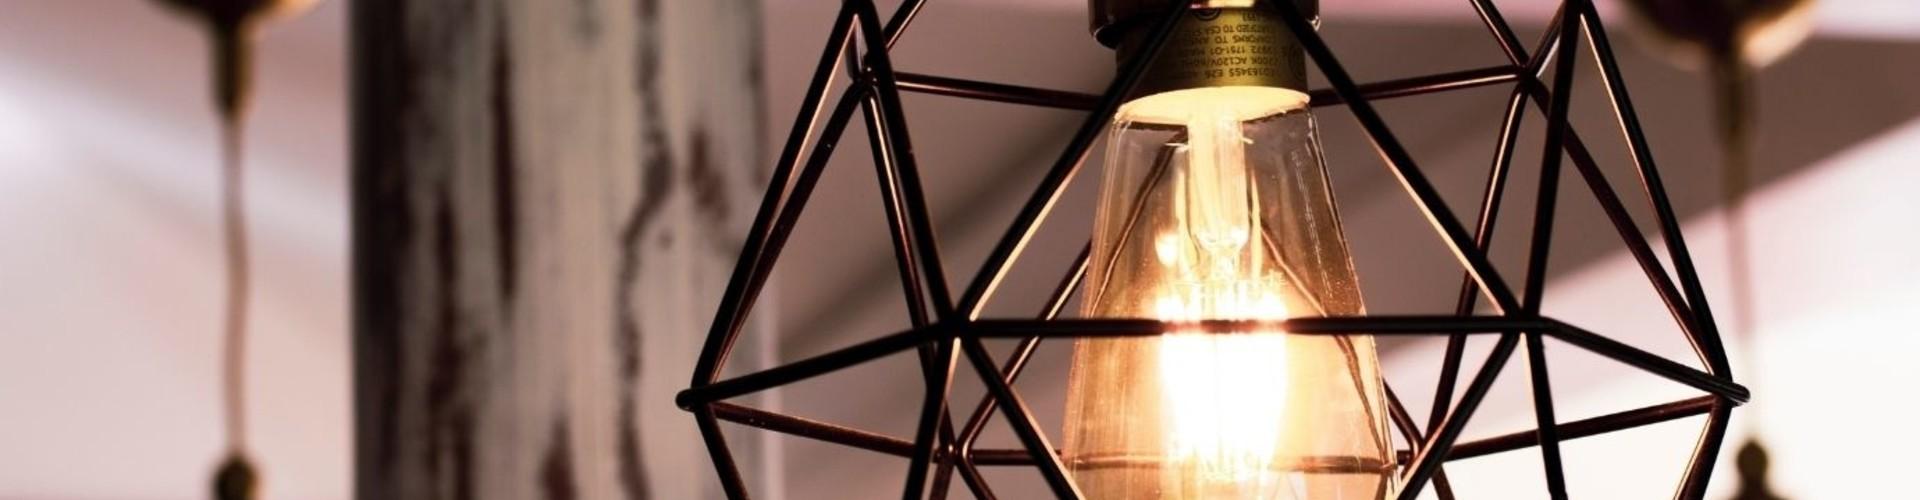 De draadlamp past in elke woonstijl